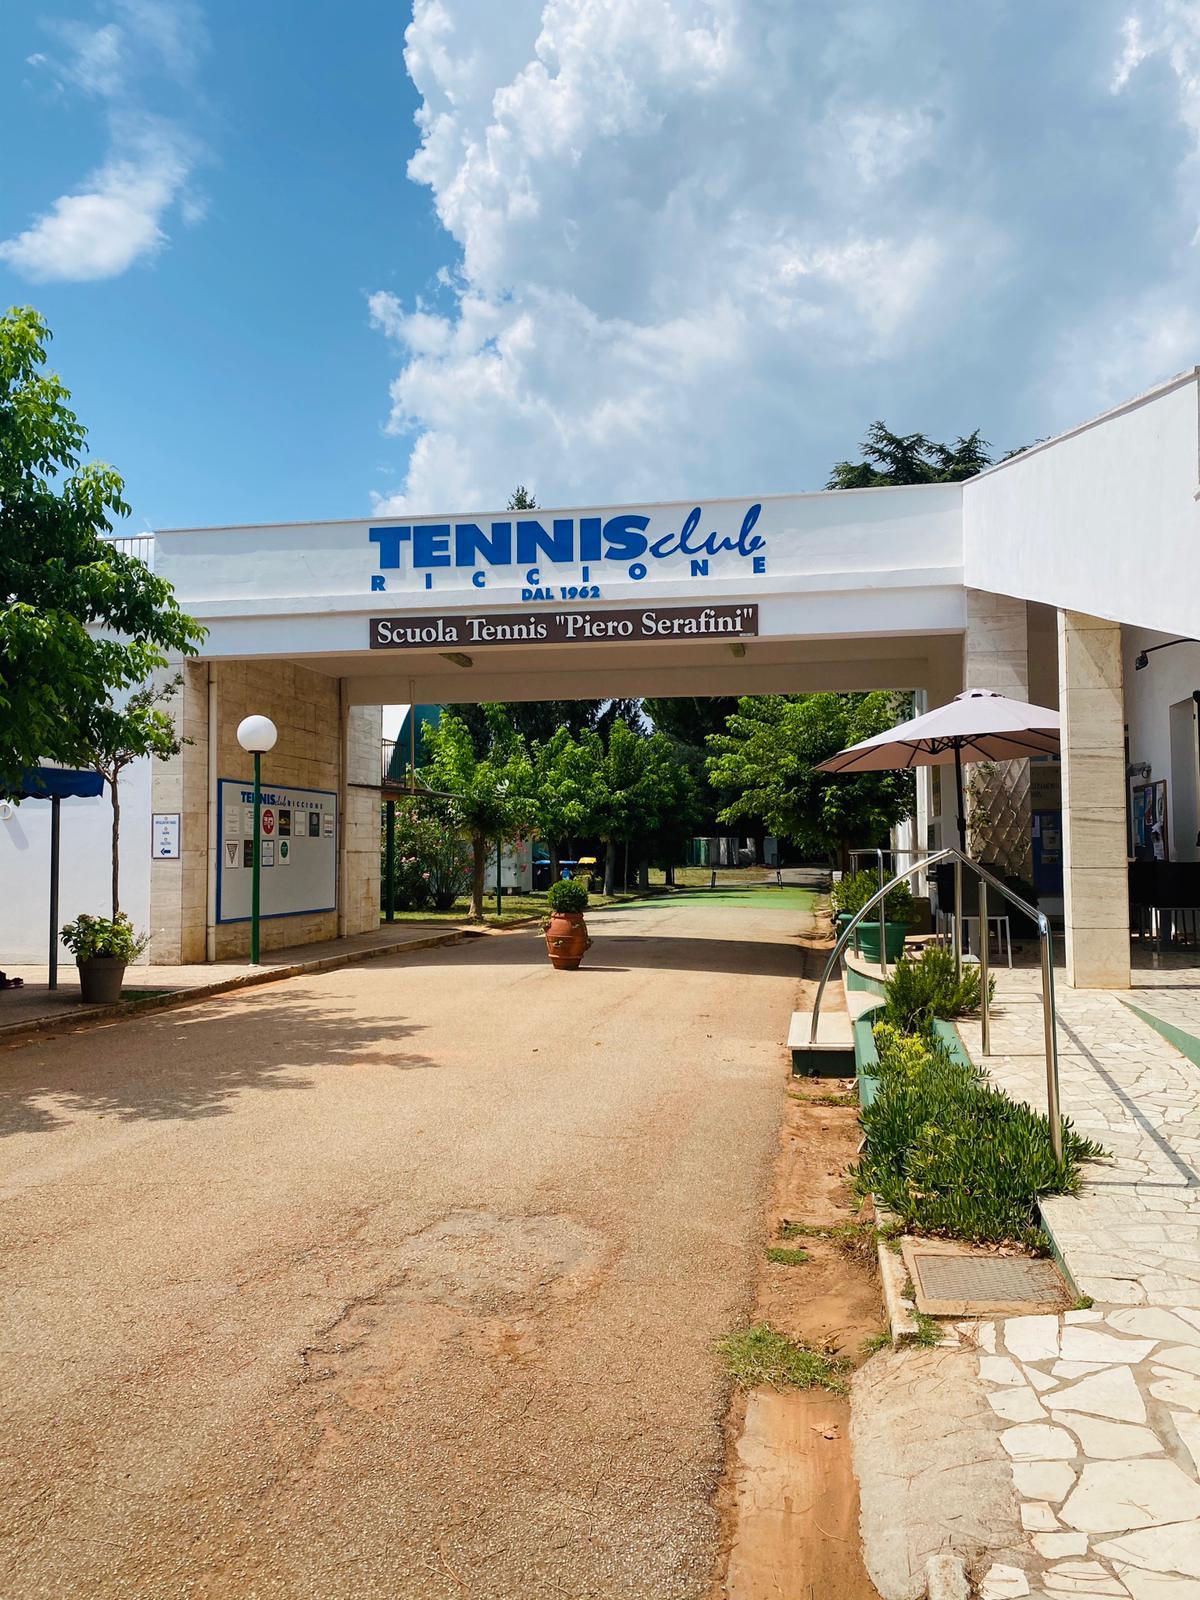 Tennis Club Riccione